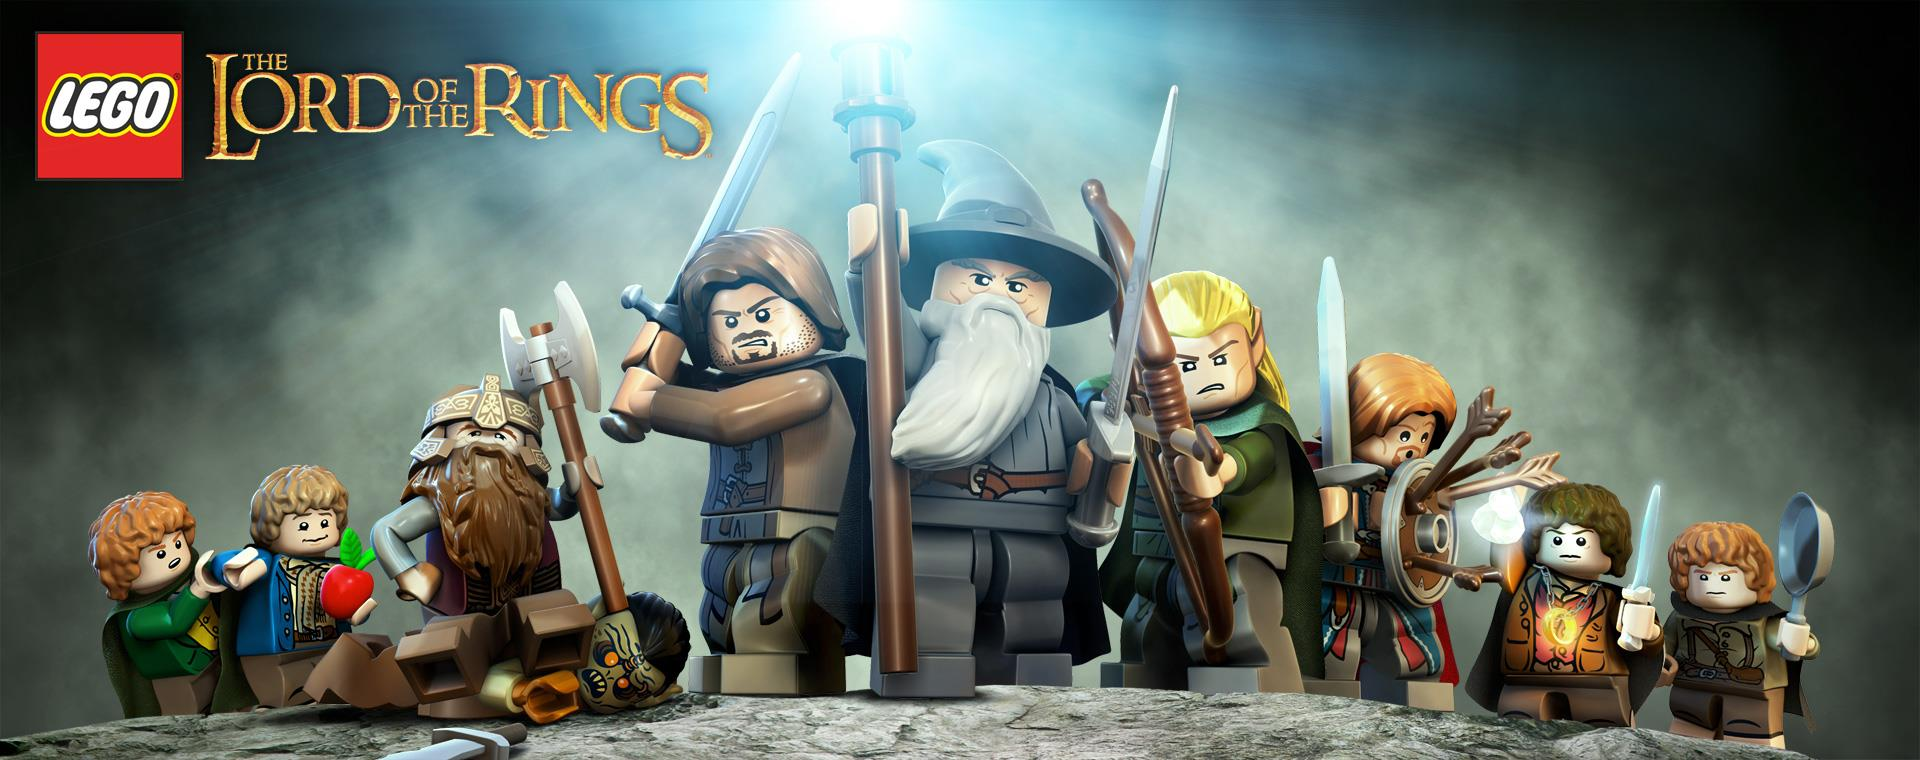 Poster del video gioco LEGO de Il Signore degli Anelli.